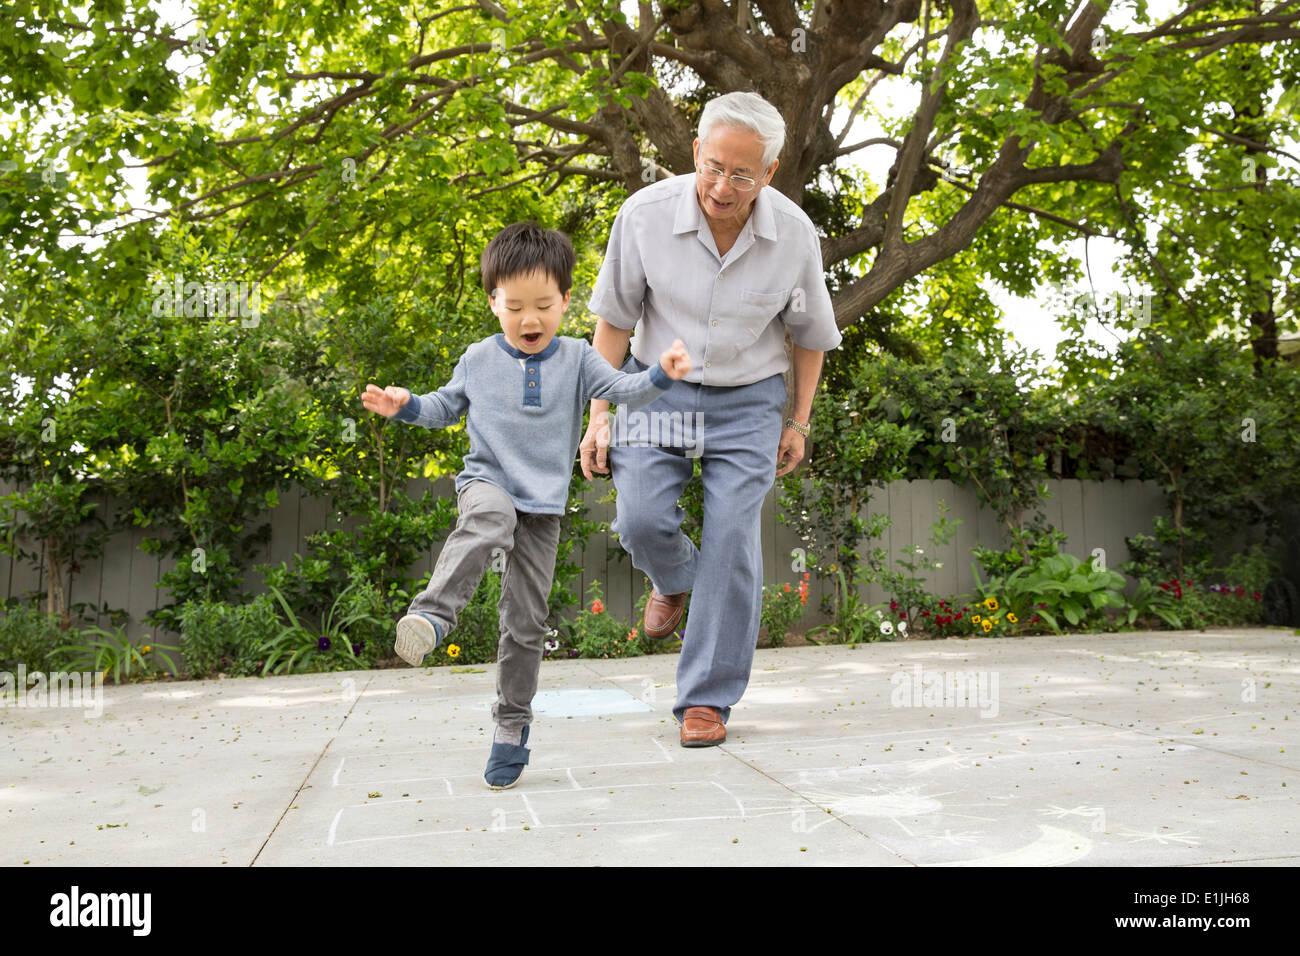 Großvater, Himmel und Hölle mit Enkel spielen Stockbild